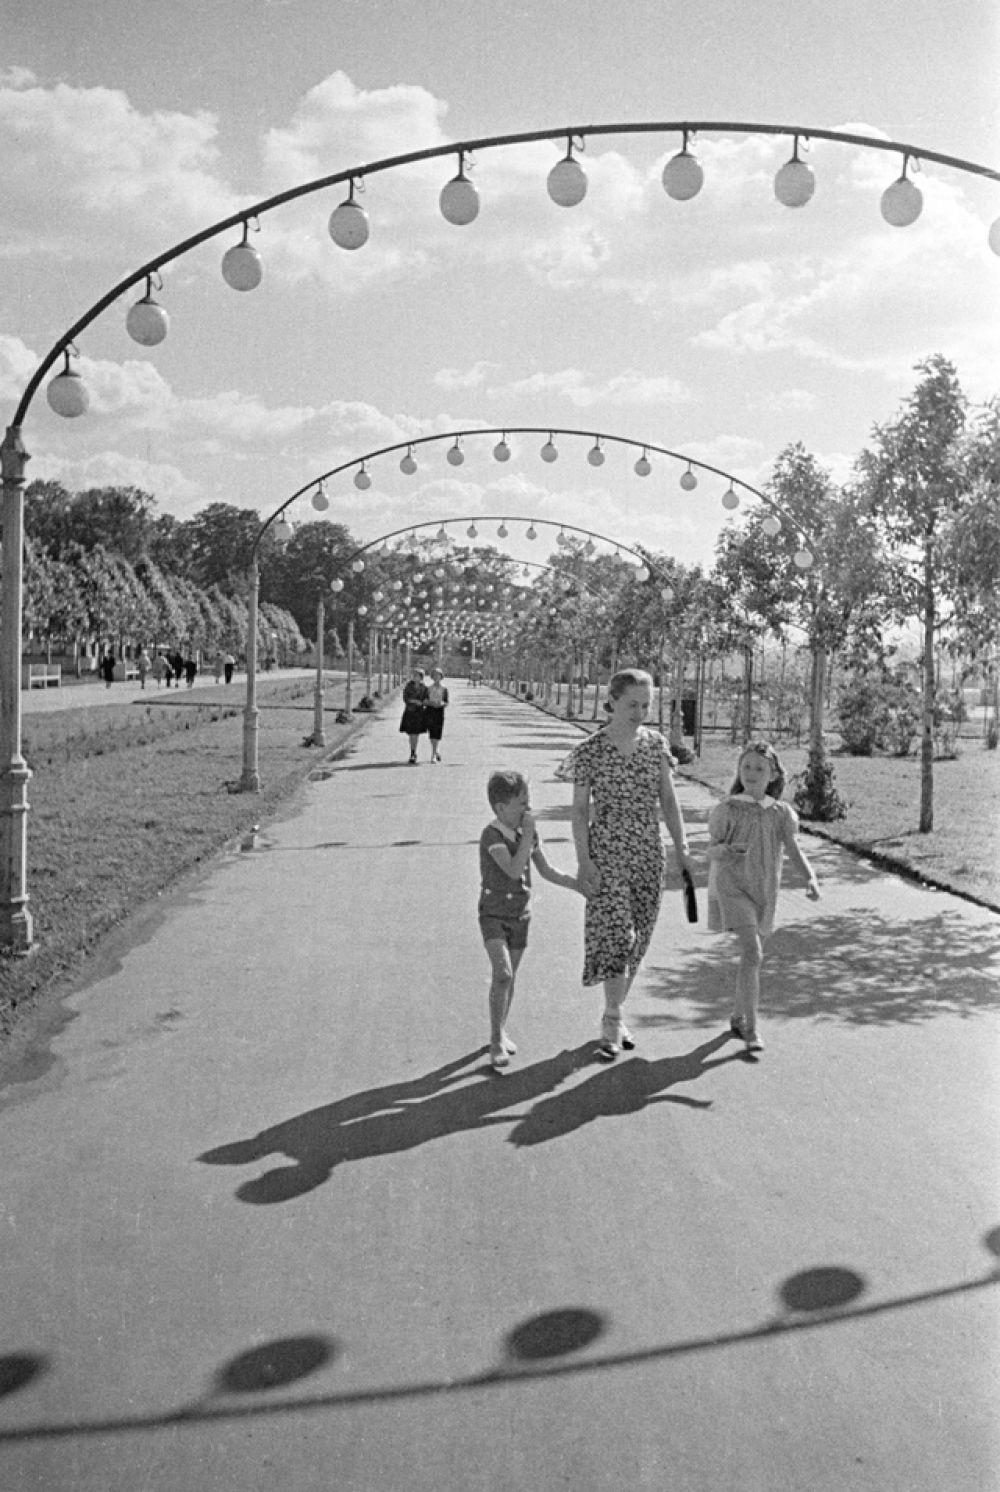 На прогулке с детьми в Центральном парке культуры и отдыха (ЦПКиО) имени Горького. Москва, 1952 год.